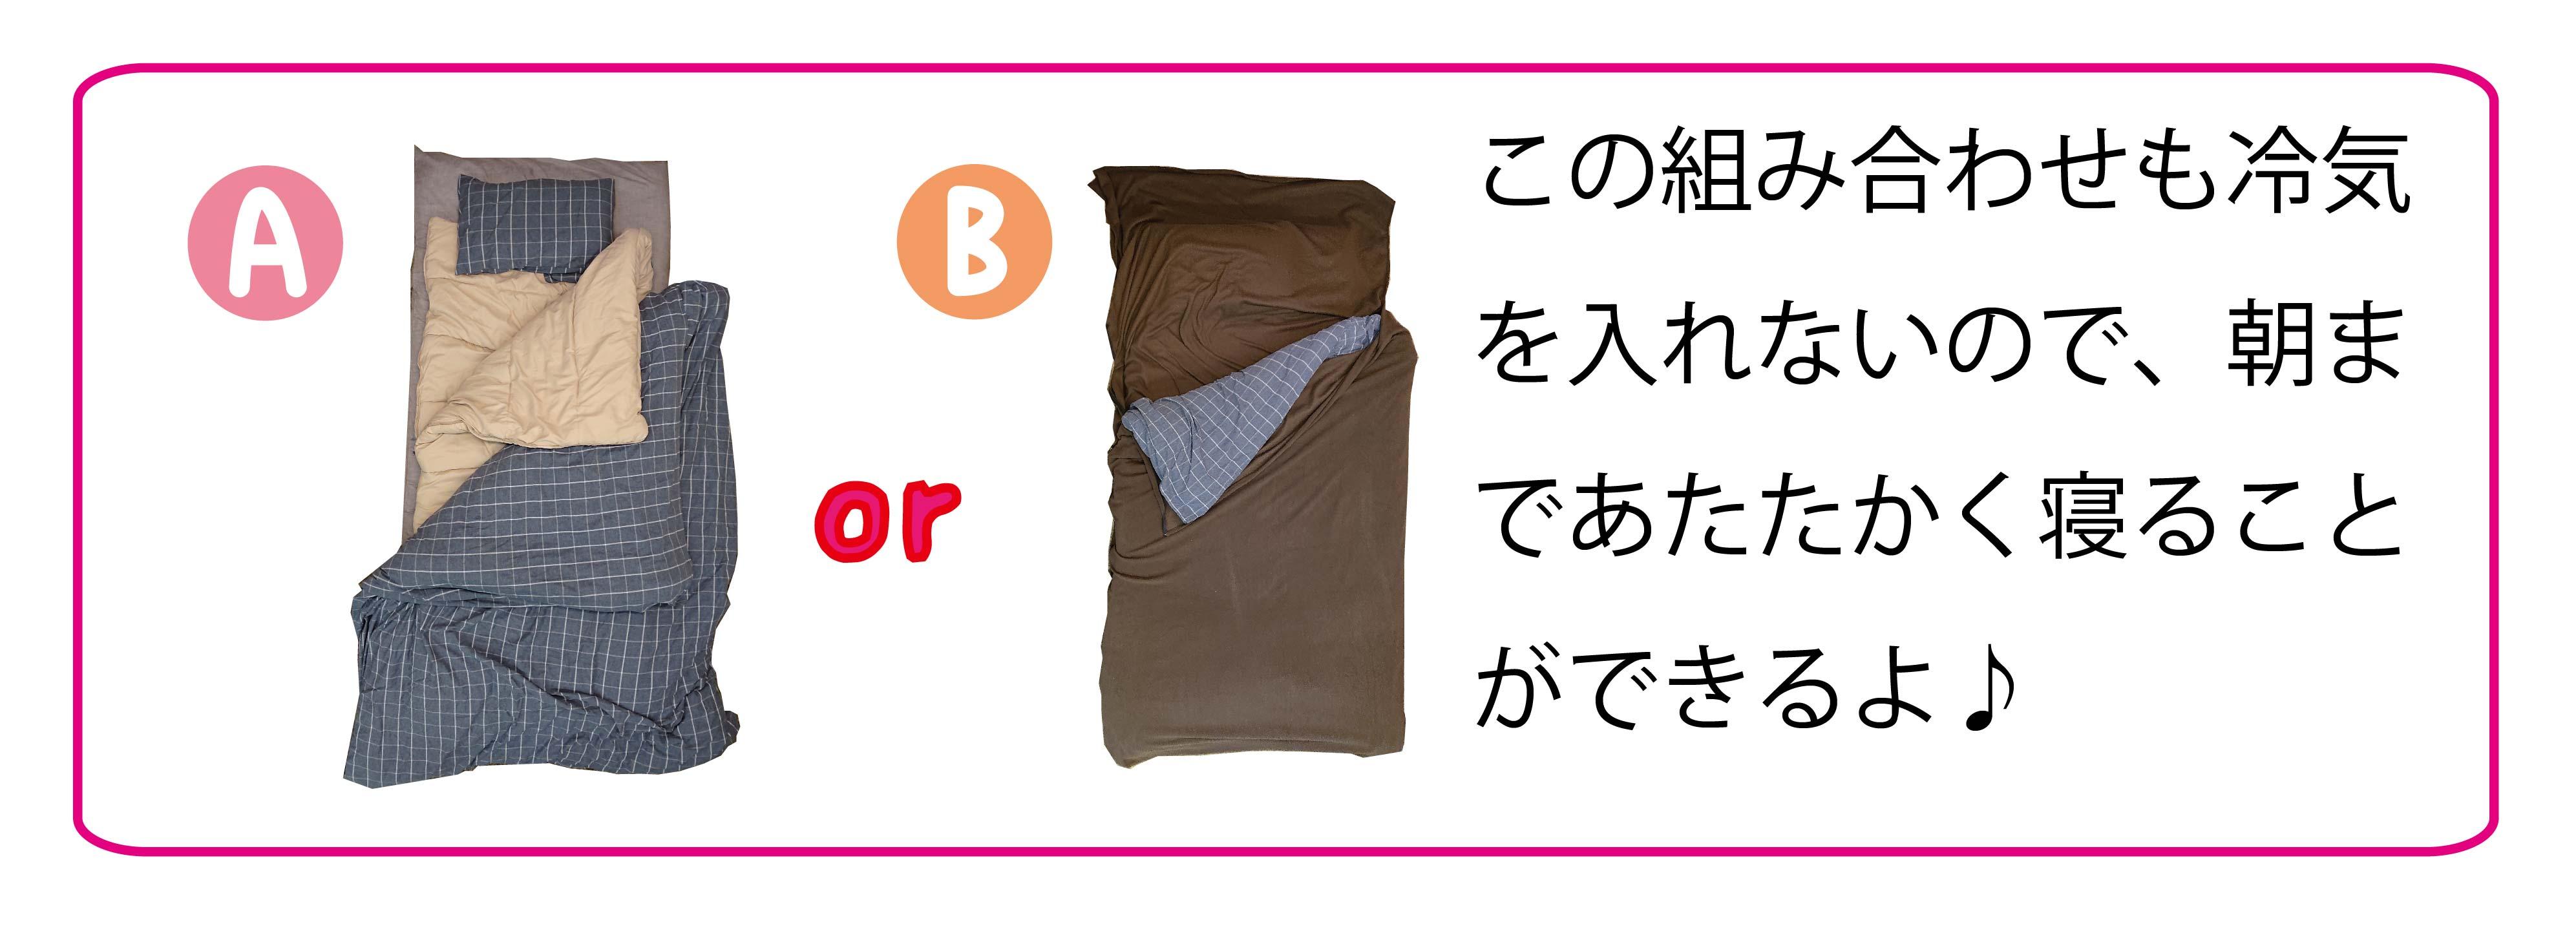 AやBの組み合わせも冷気を入れないので朝まで暖かいです